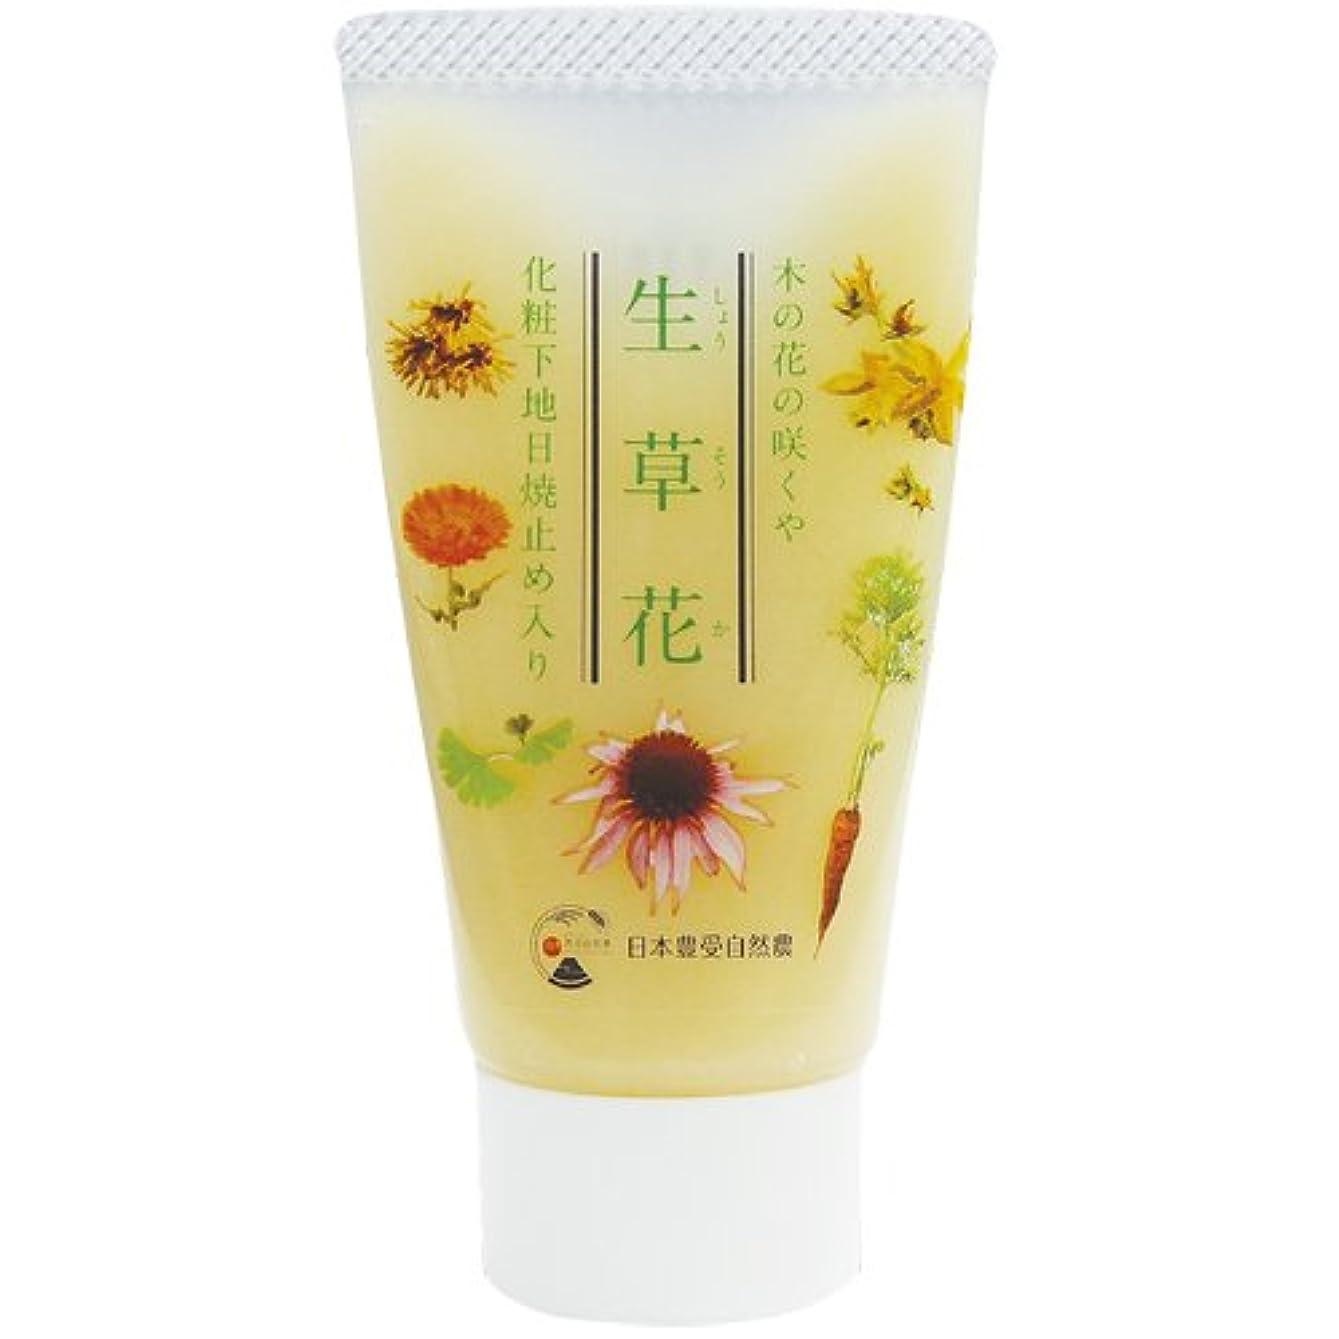 霧健全表示日本豊受自然農 木の花の咲くや 生草花 化粧下地 日焼け止め入り 30g